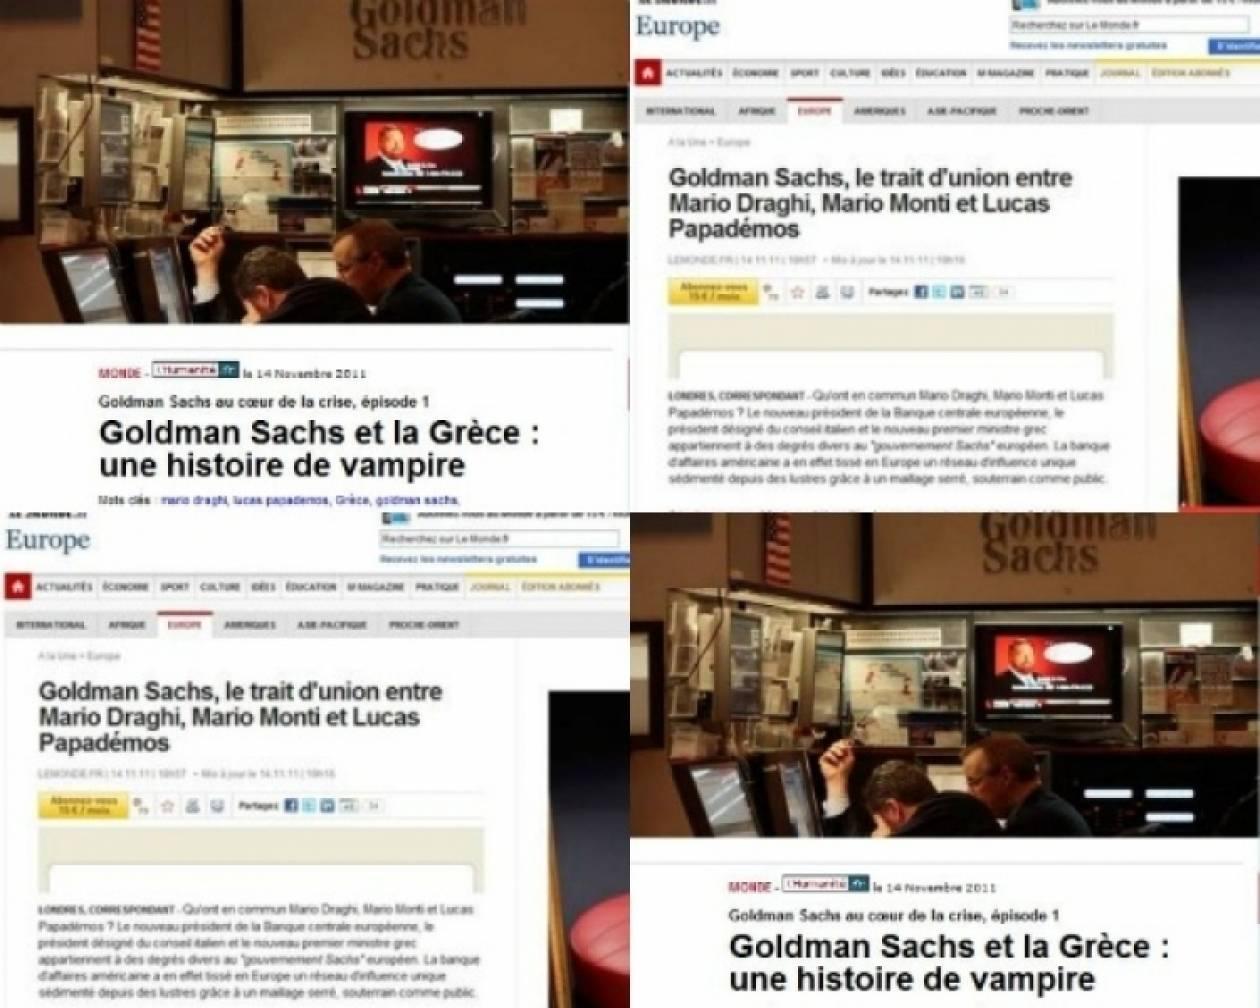 Γαλλική ιστορία βαμπίρ με Παπαδήμο και Goldman Sachs